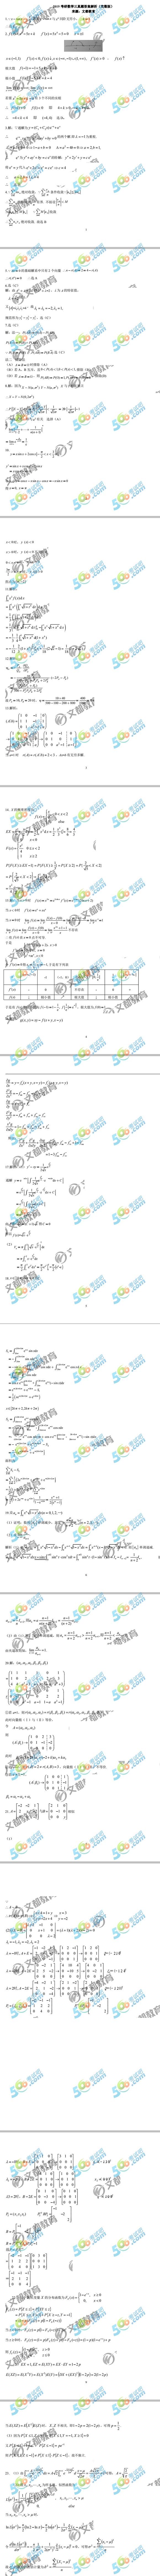 2019年考研《数学三》真题及答案解析(文都版)